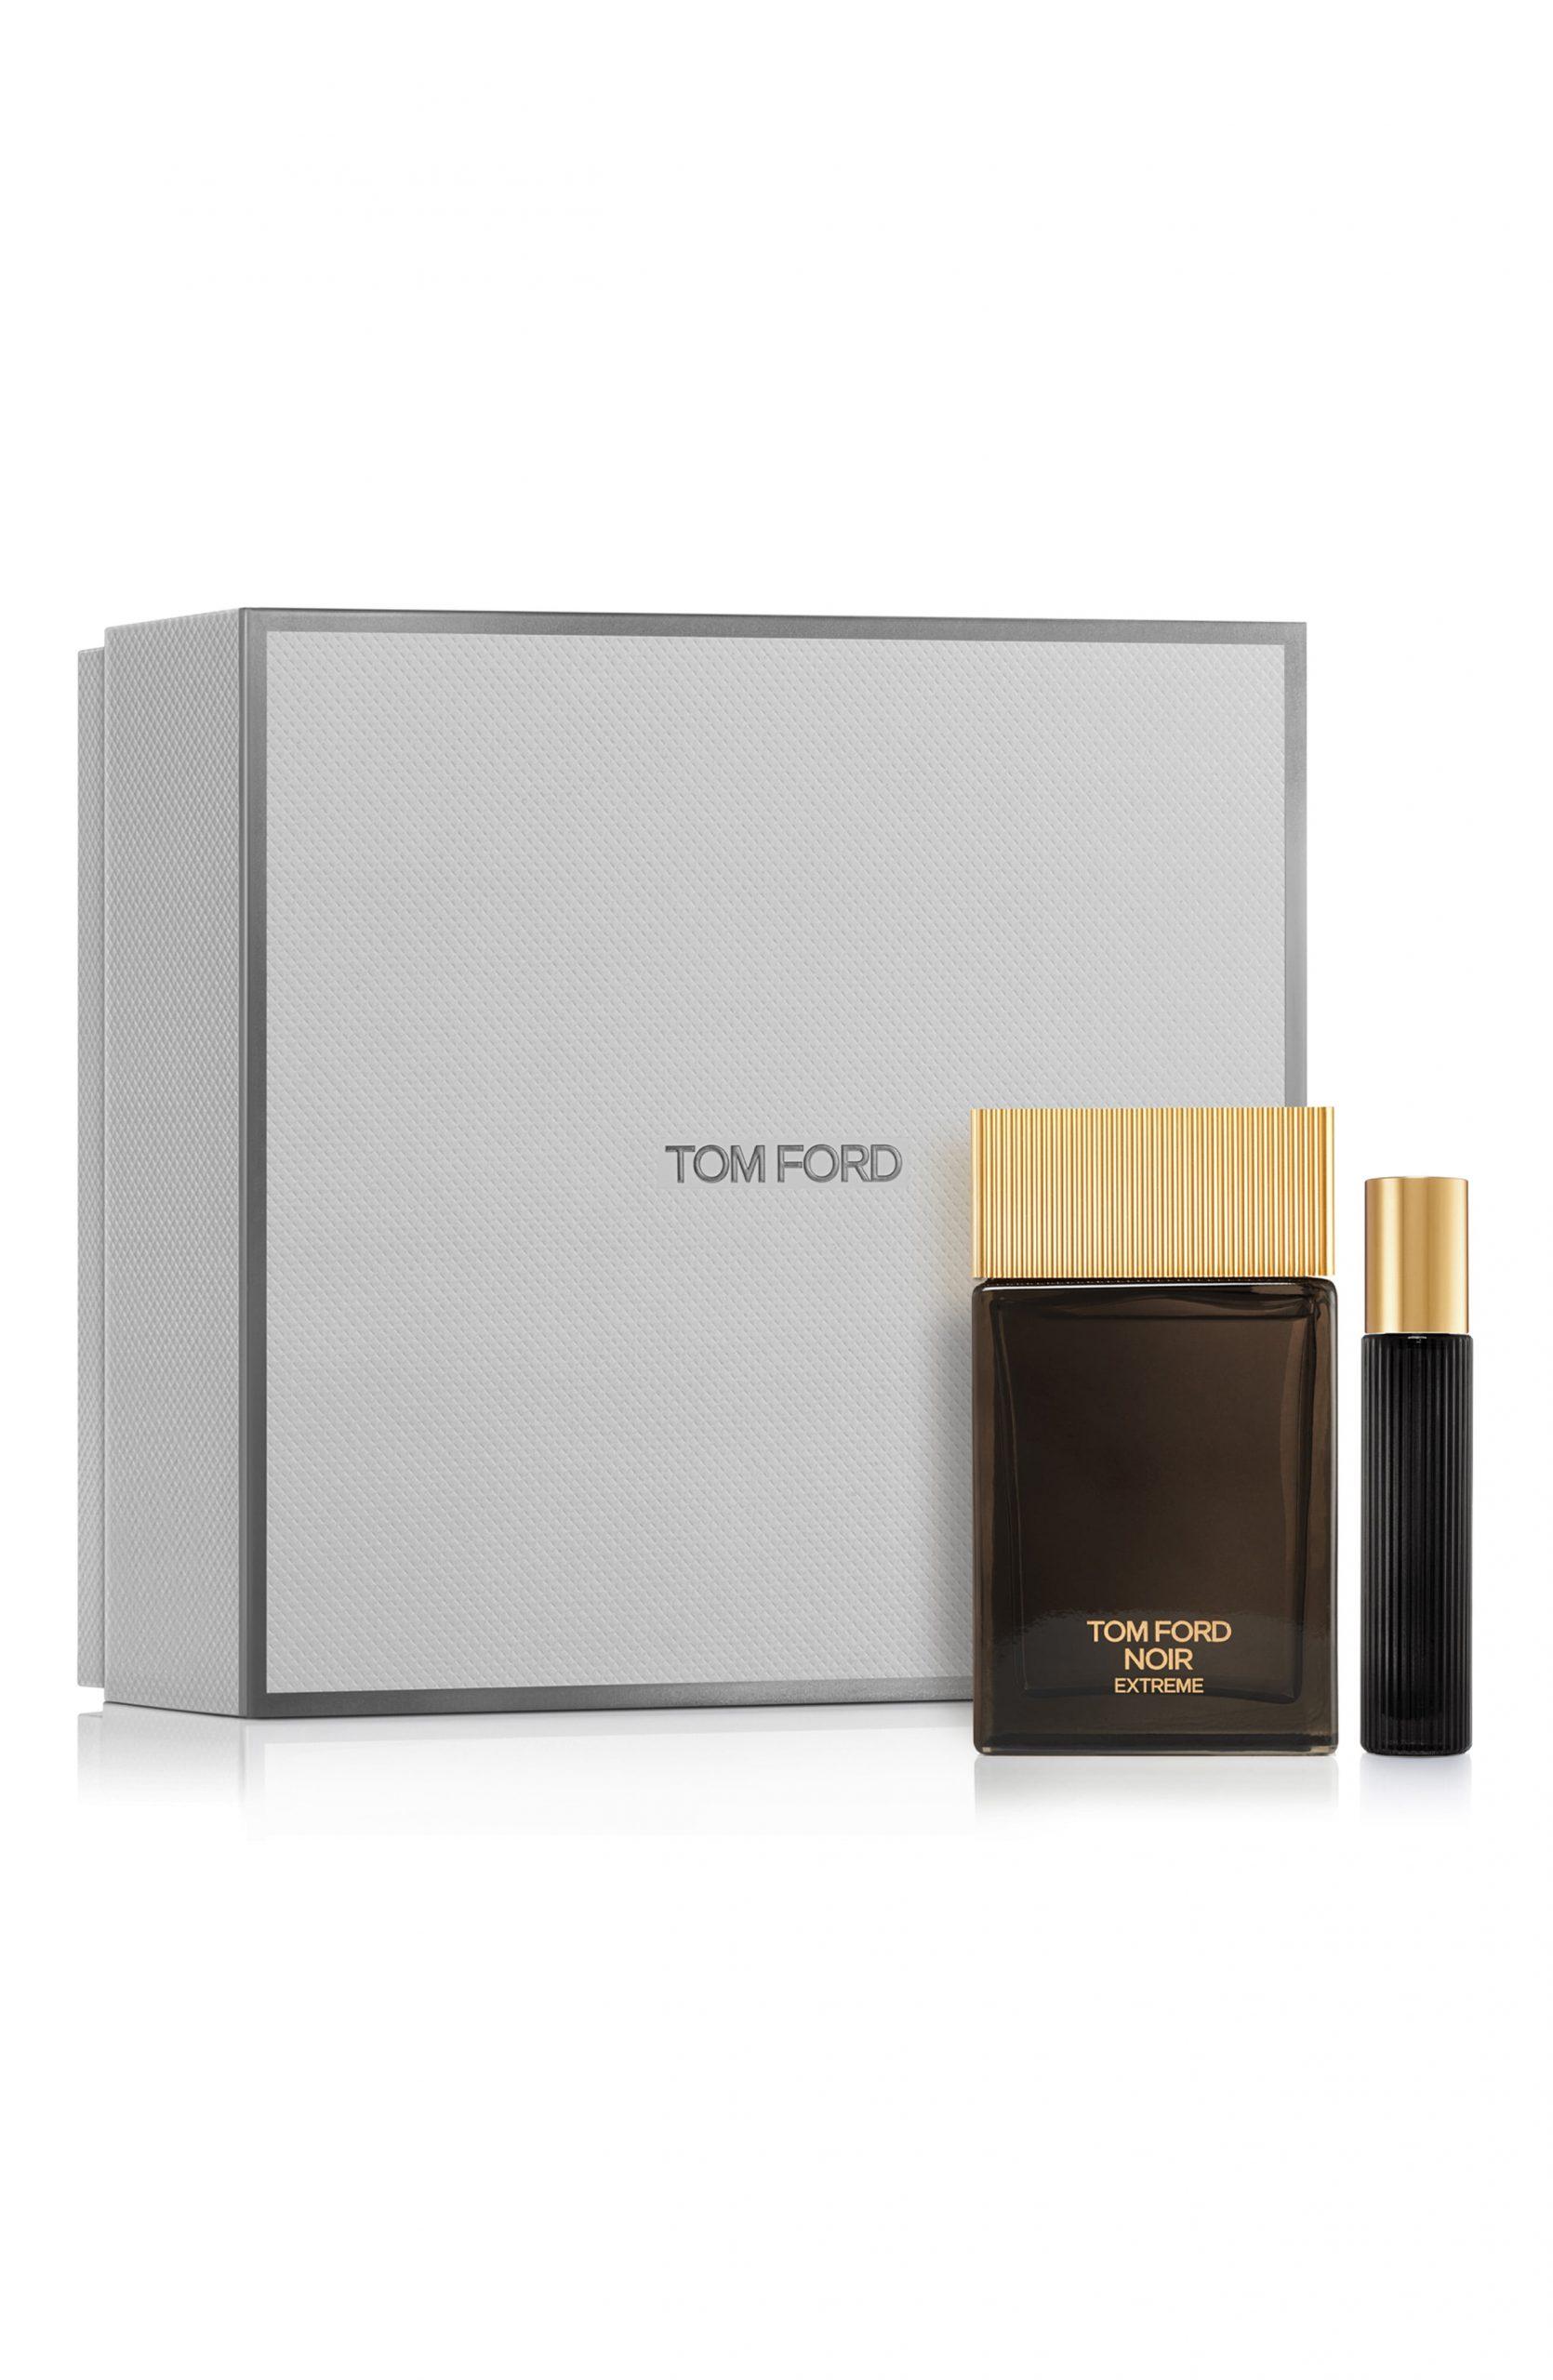 Tom Ford Noir Extreme Eau De Parfum Set Size One Size The Fashionisto